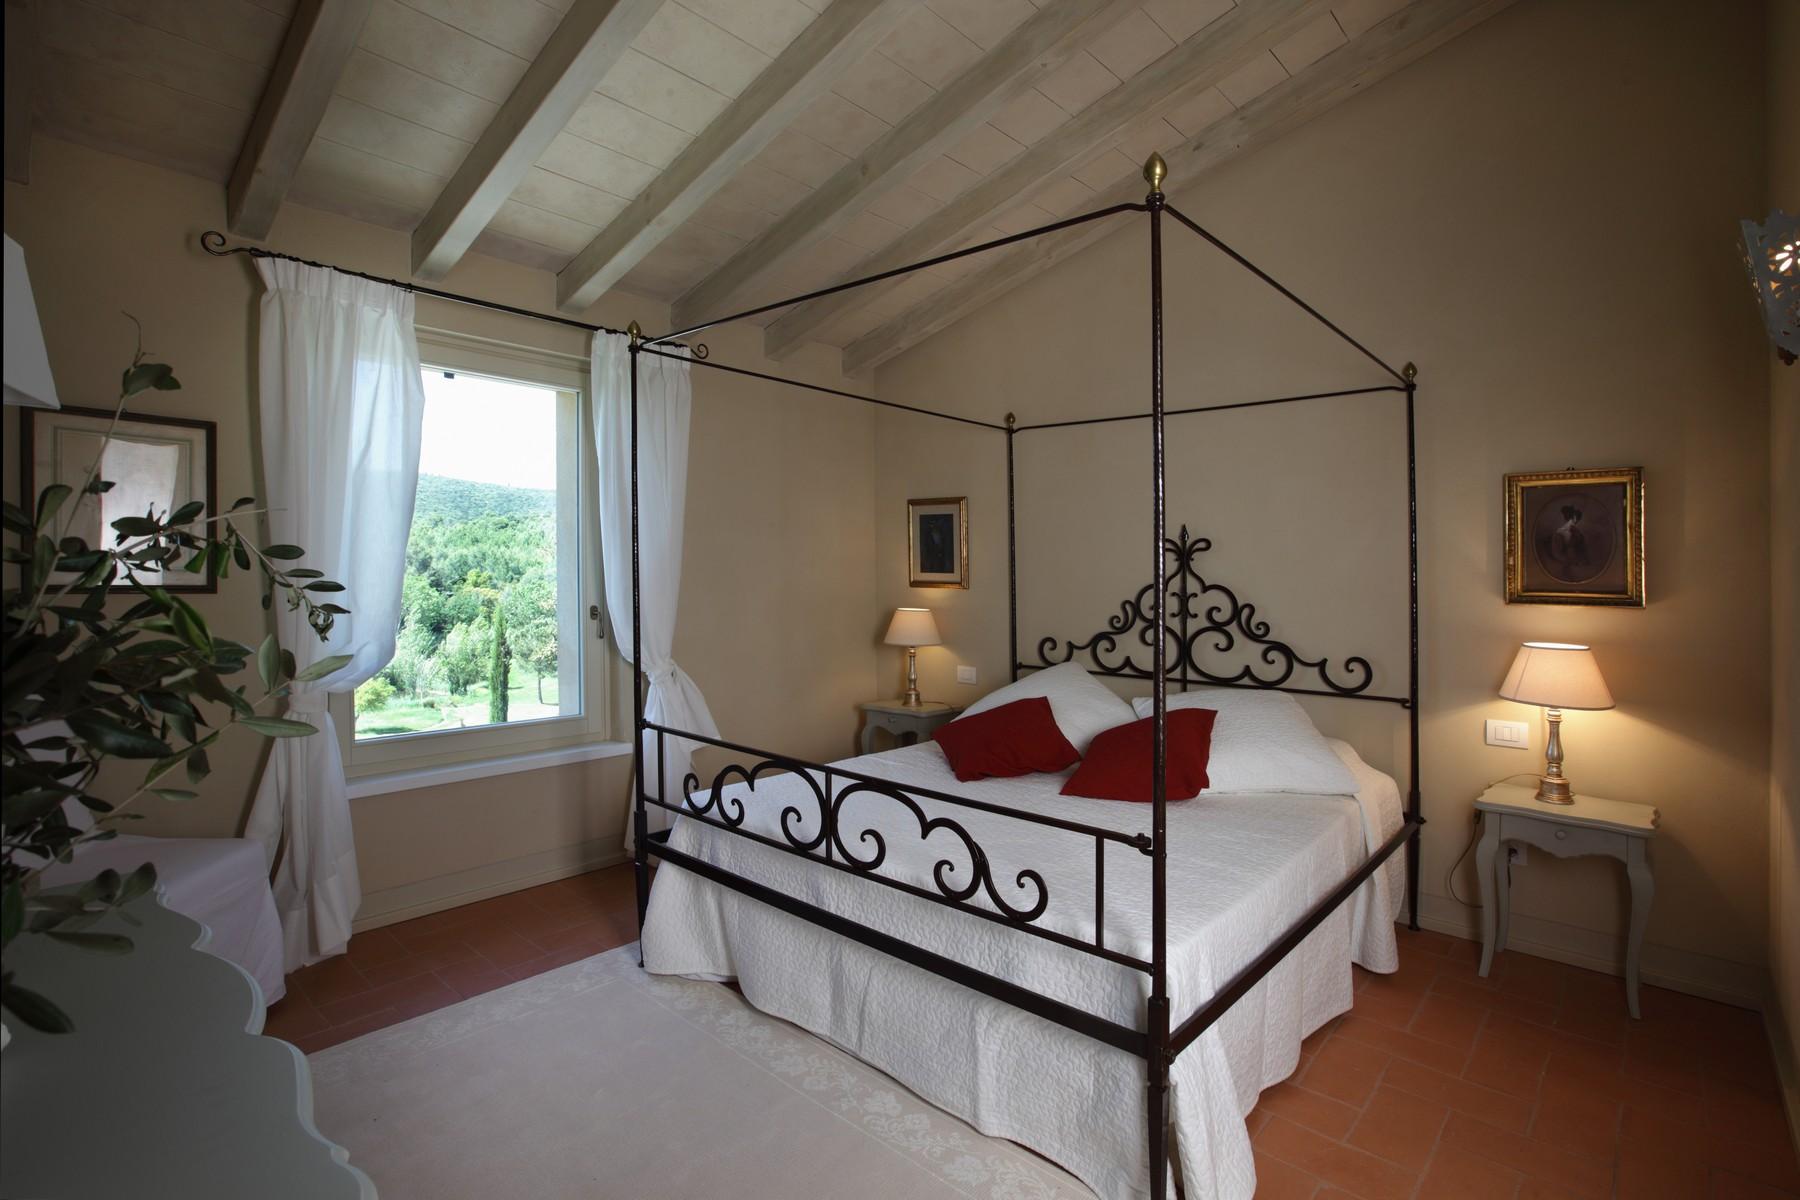 Appartamento in Vendita a Gavorrano: 4 locali, 188 mq - Foto 11